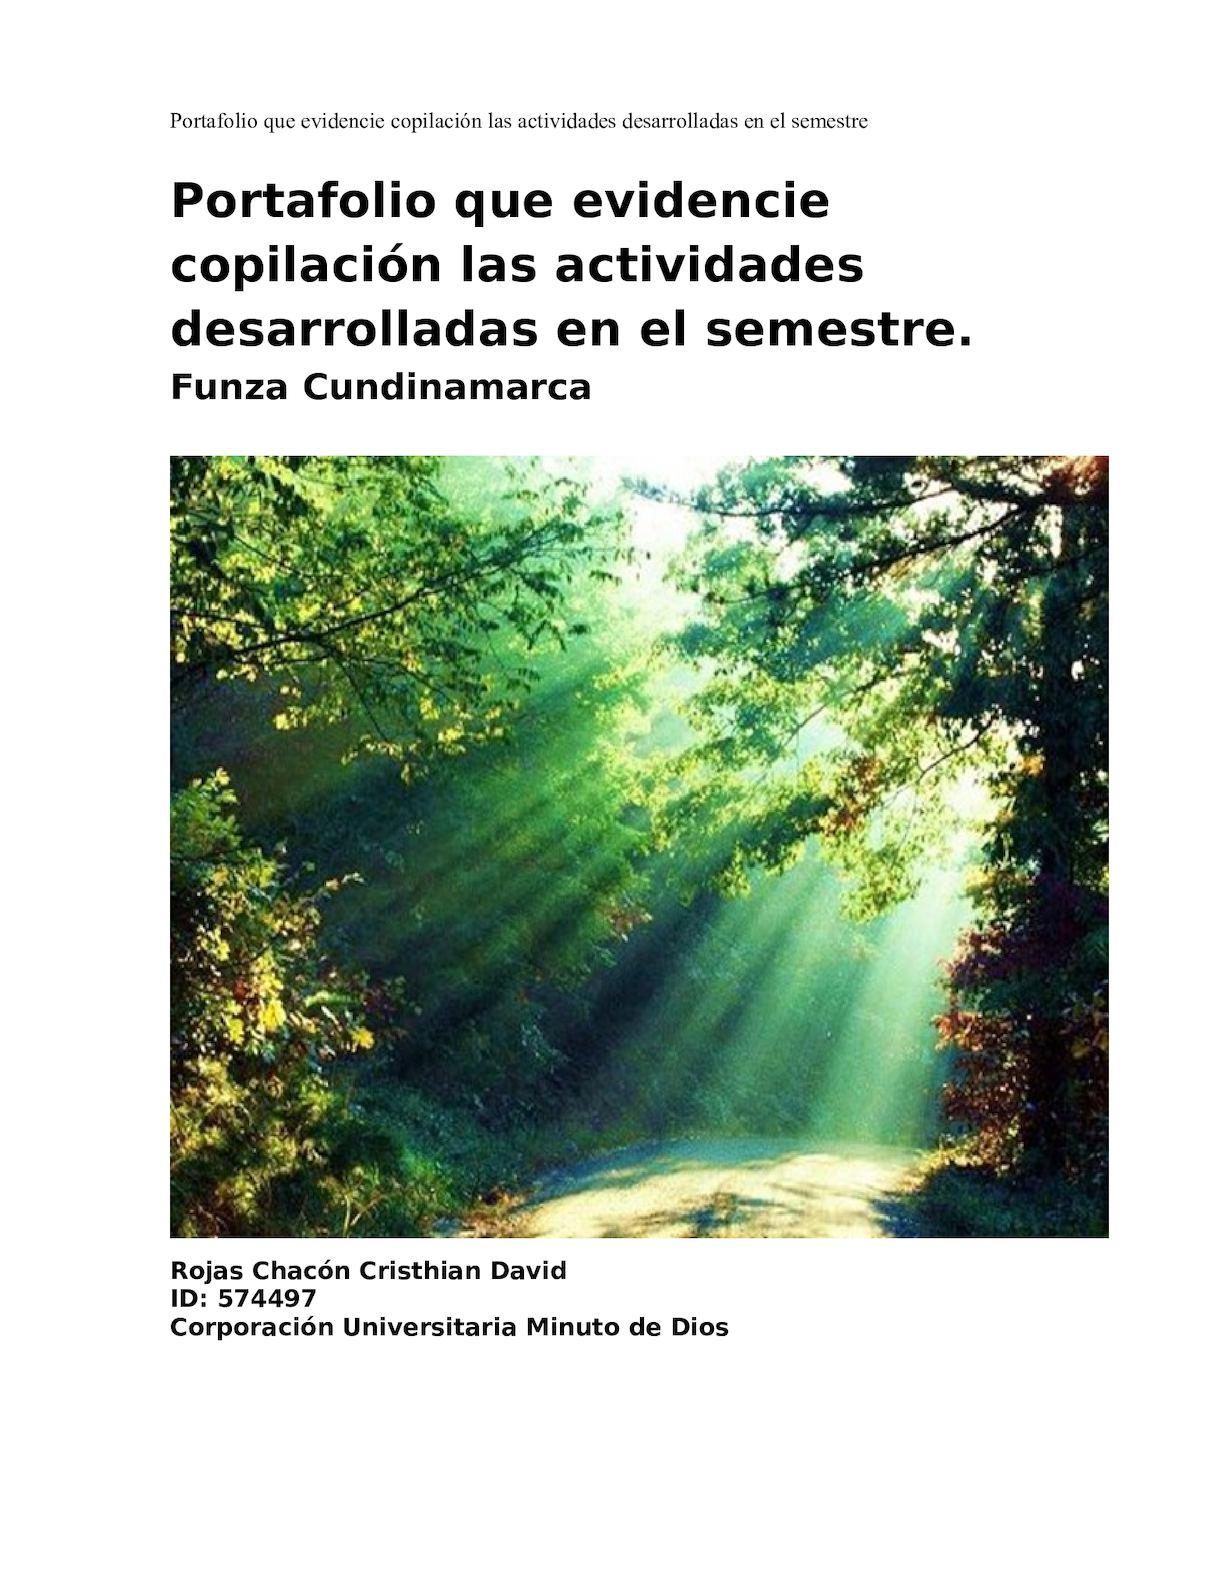 Portafolio Crithian Rojas 574497